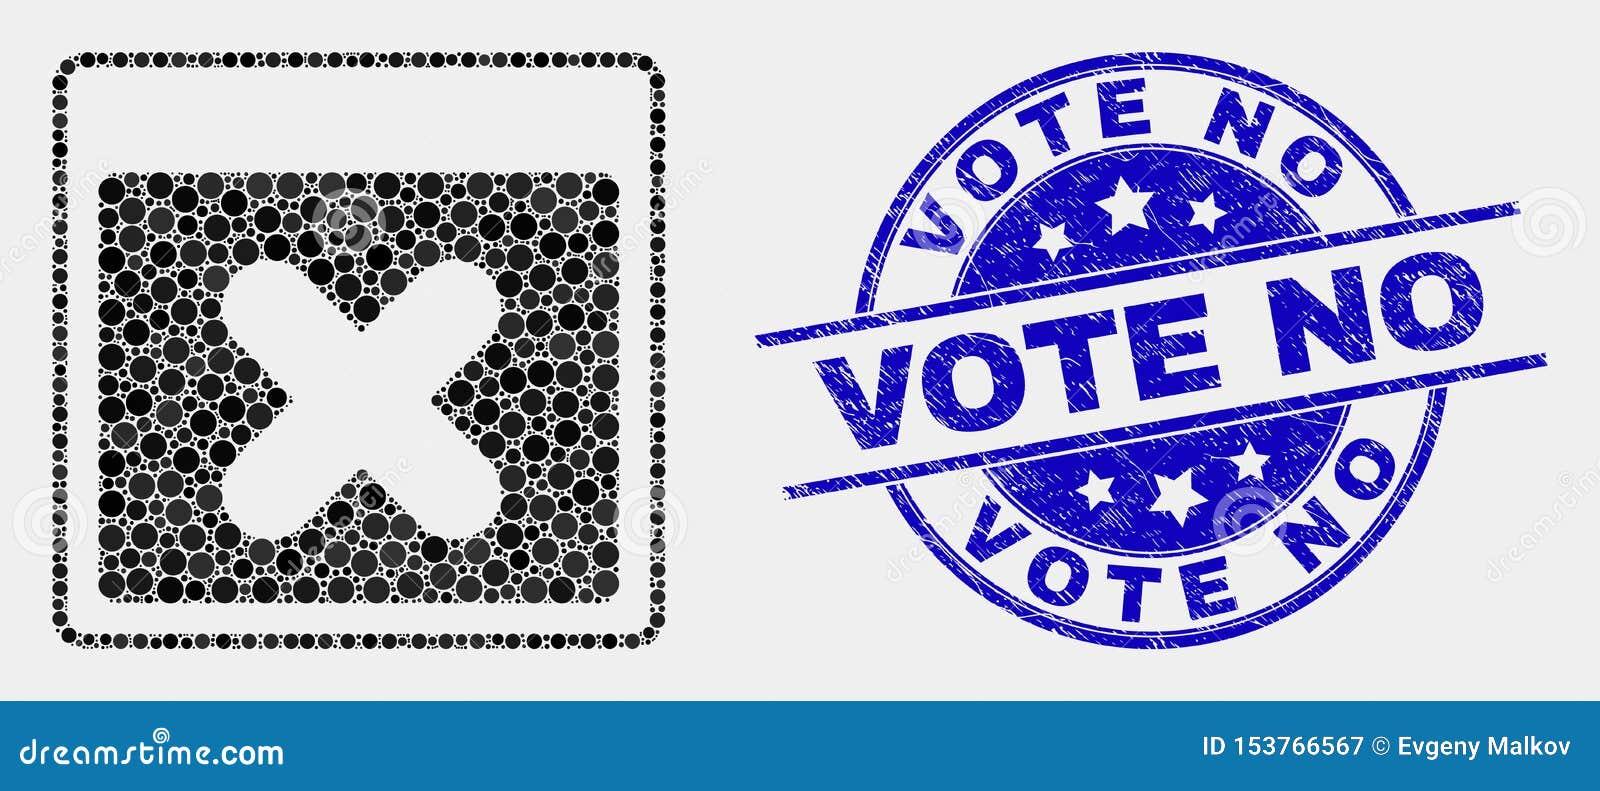 传染媒介Pixelated关闭应用窗口象和抓投反对票封印